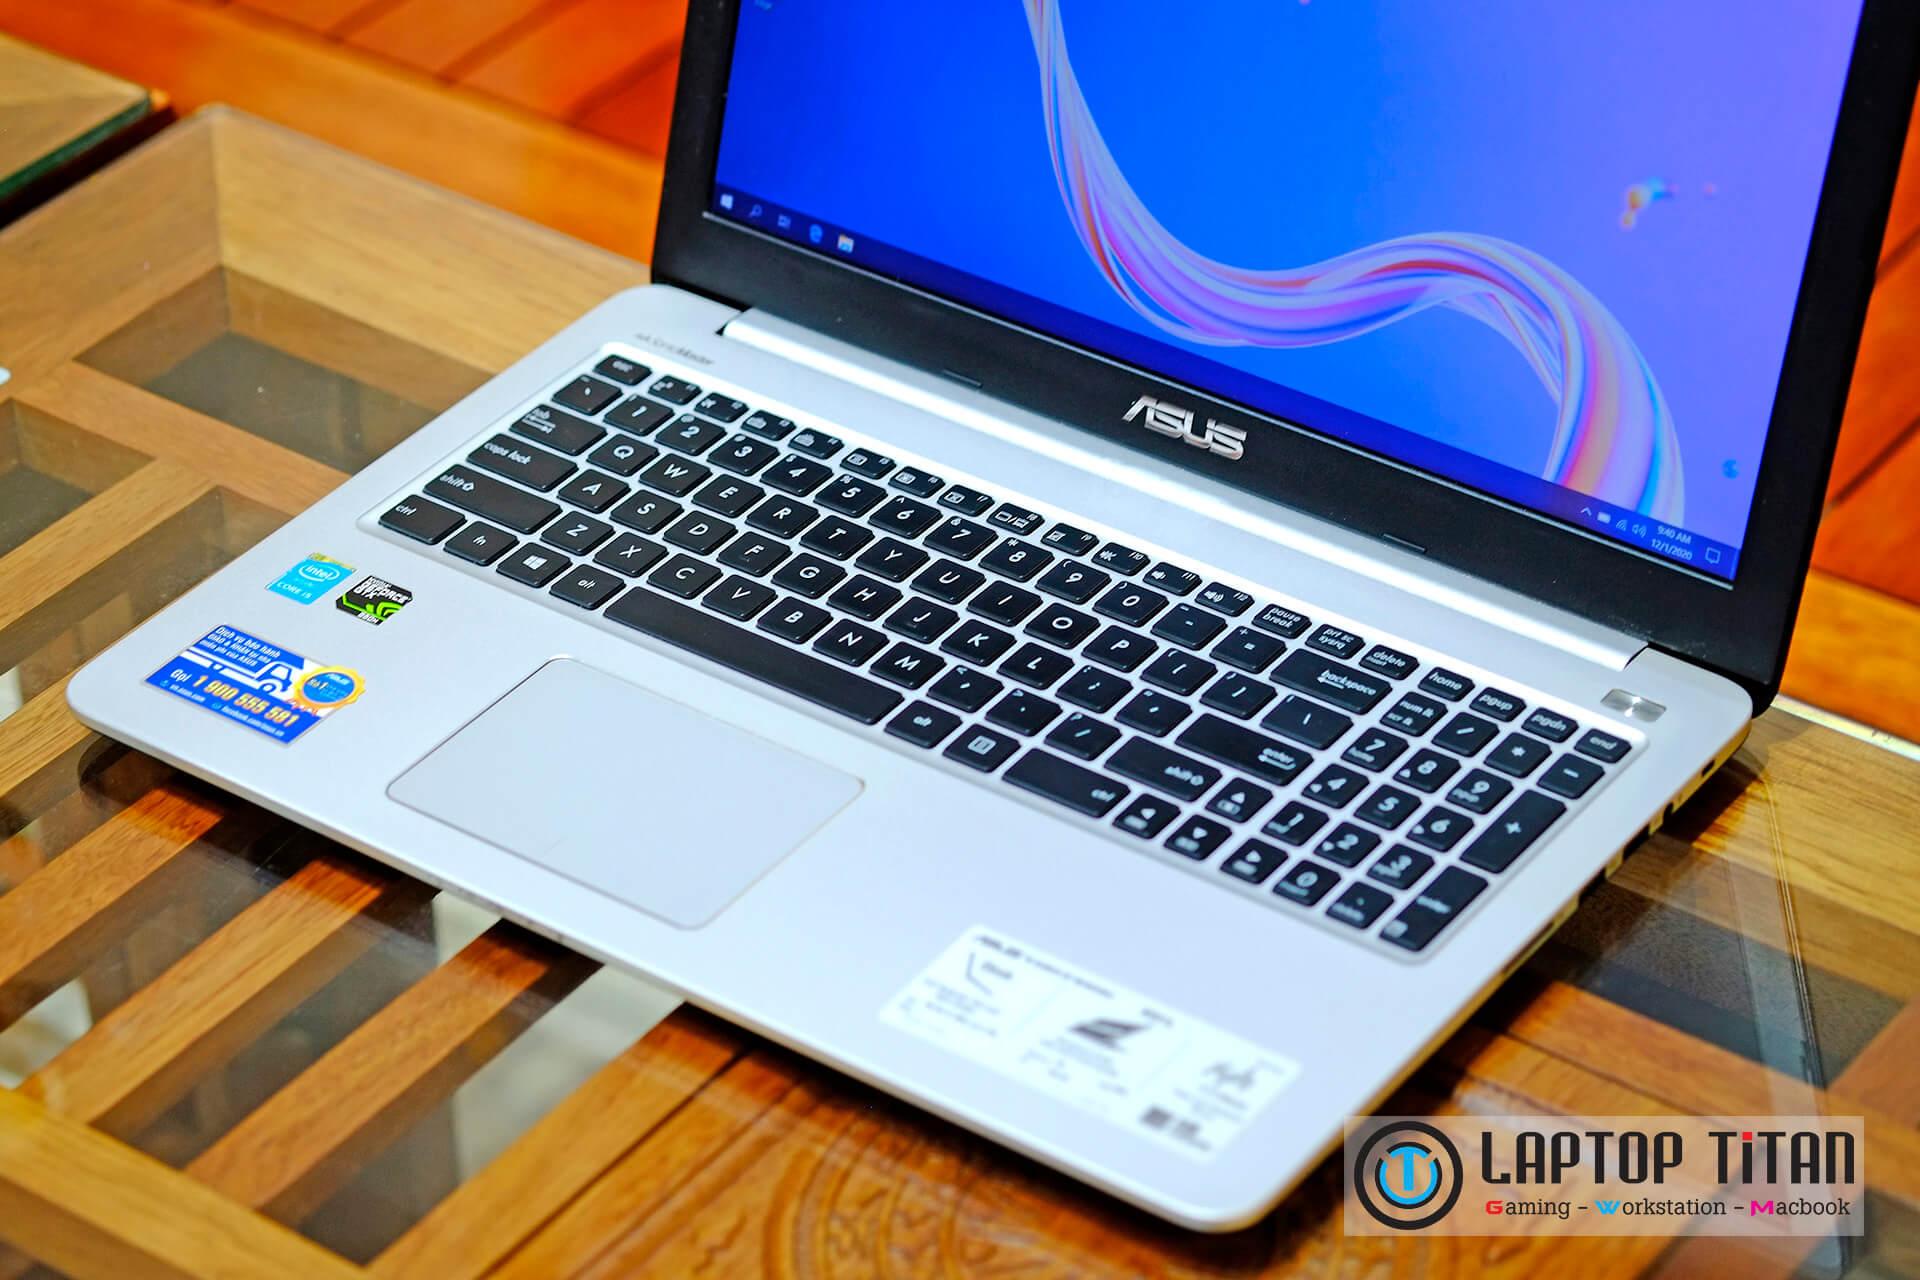 Asus K501lx laptop titan 003